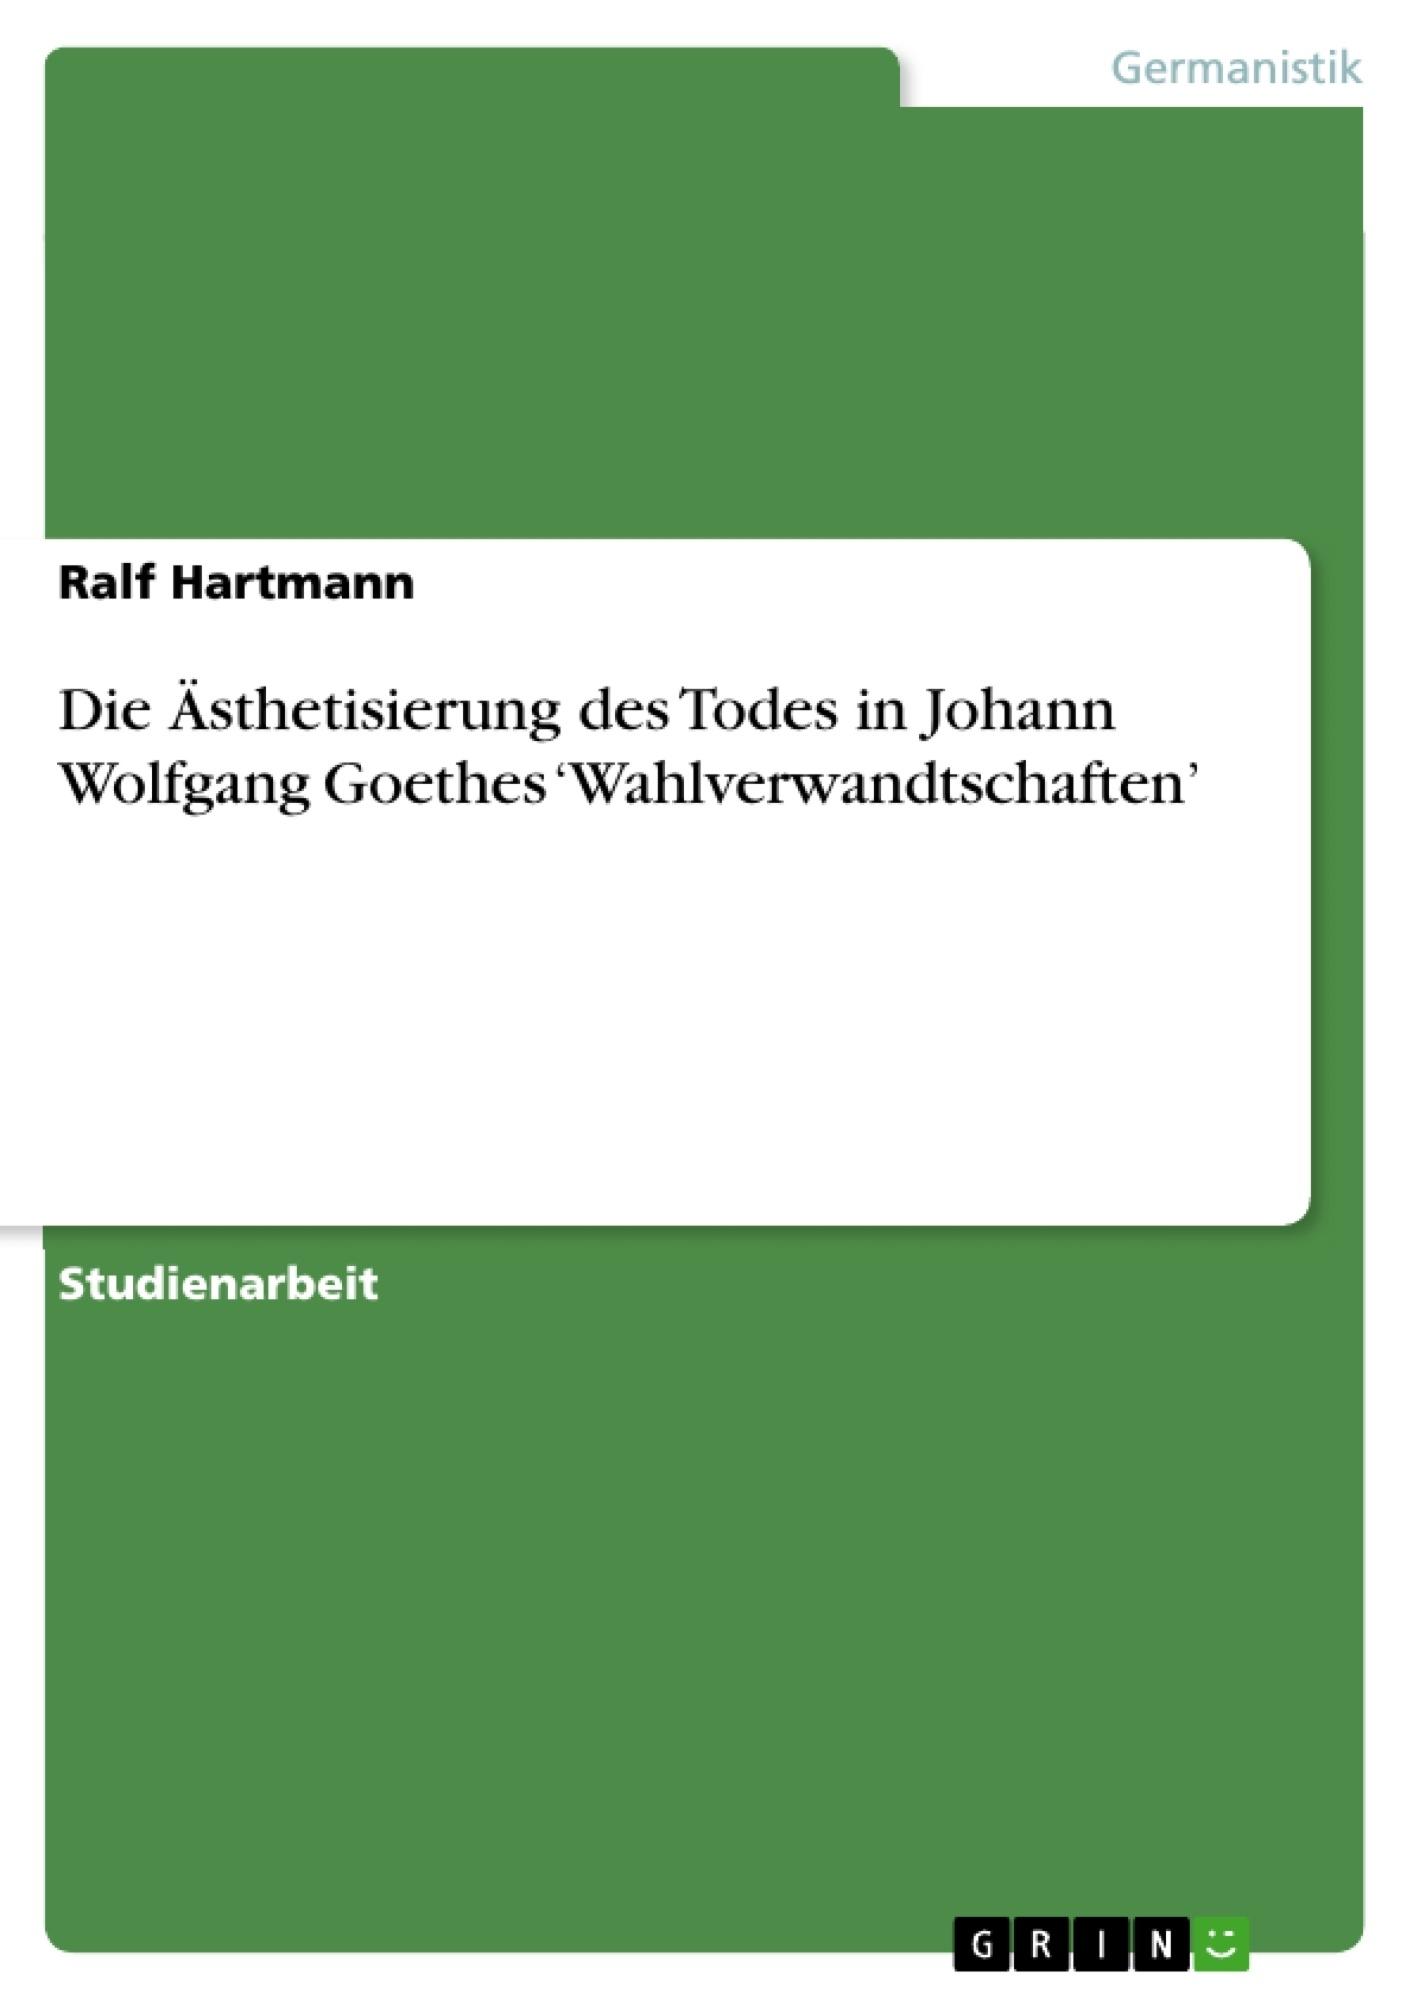 Titel: Die Ästhetisierung des Todes in Johann Wolfgang Goethes 'Wahlverwandtschaften'